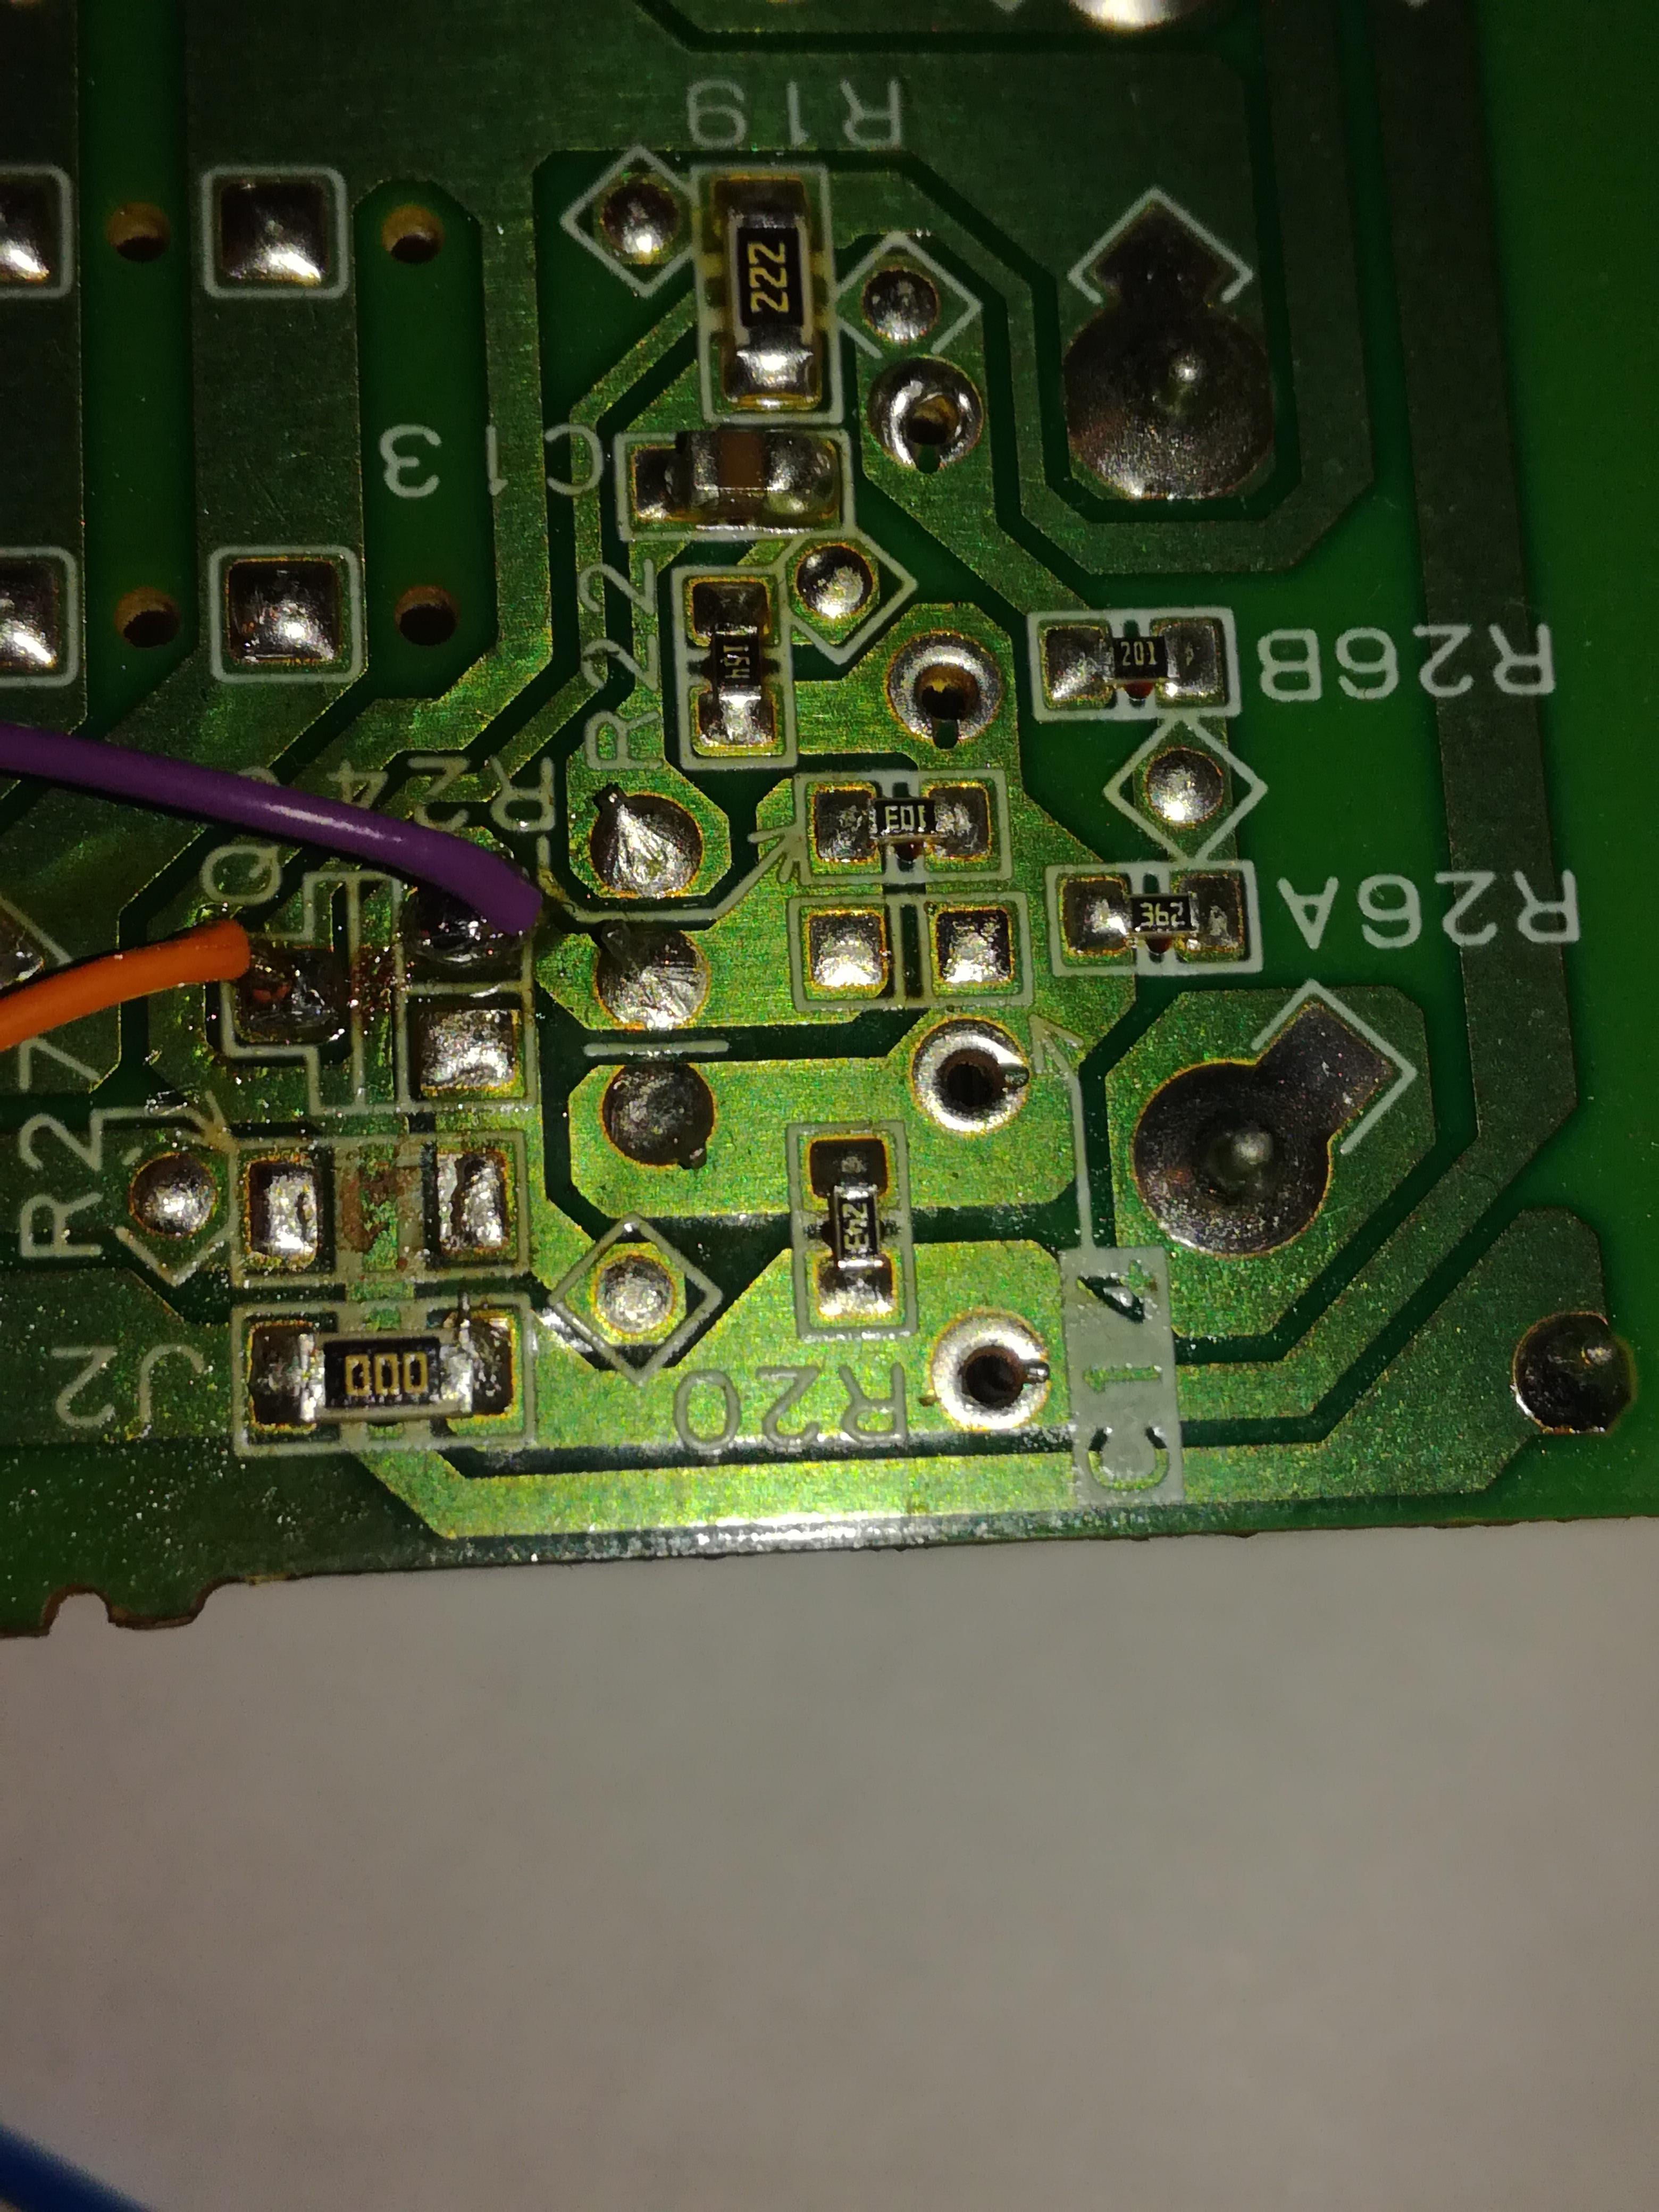 canon k30313 ac power схема